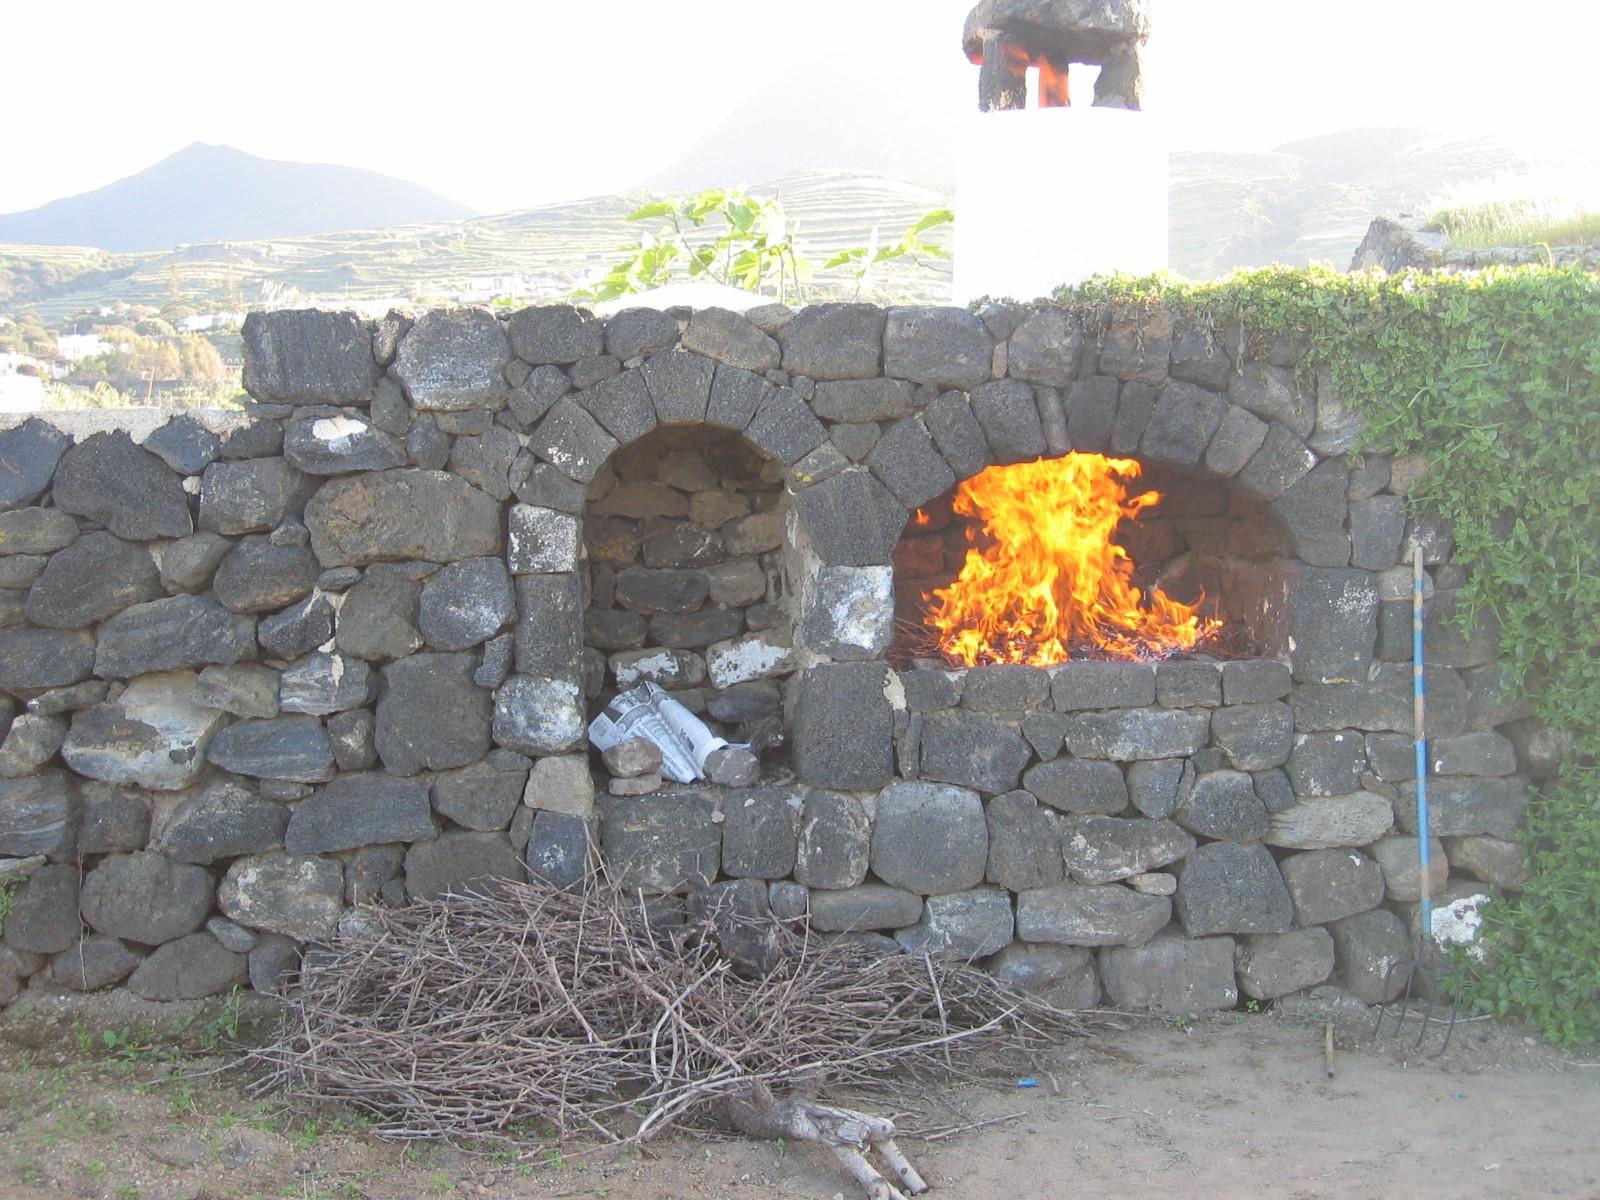 Kamma agenzia rizzo isola di pantelleria - Zona barbecue in giardino ...